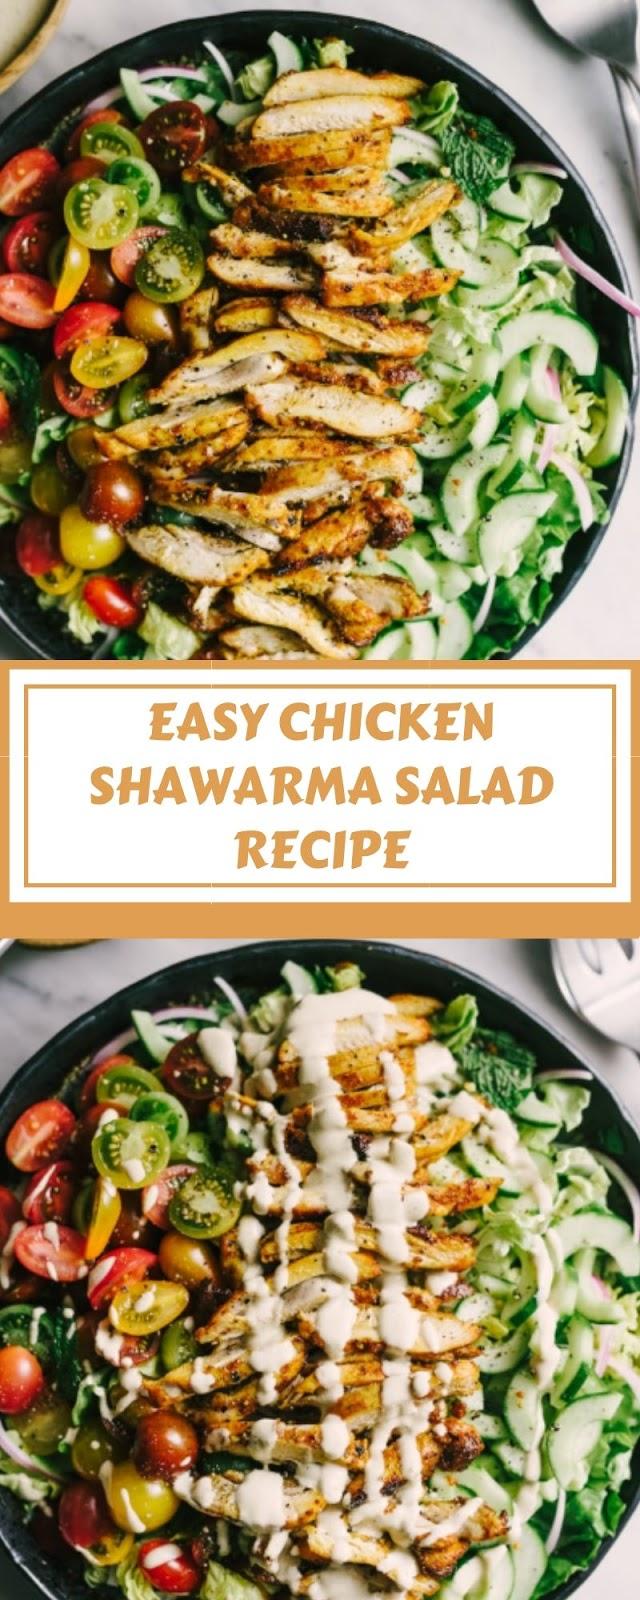 EASY CHICKEN SHAWARMA SALAD RECIPE